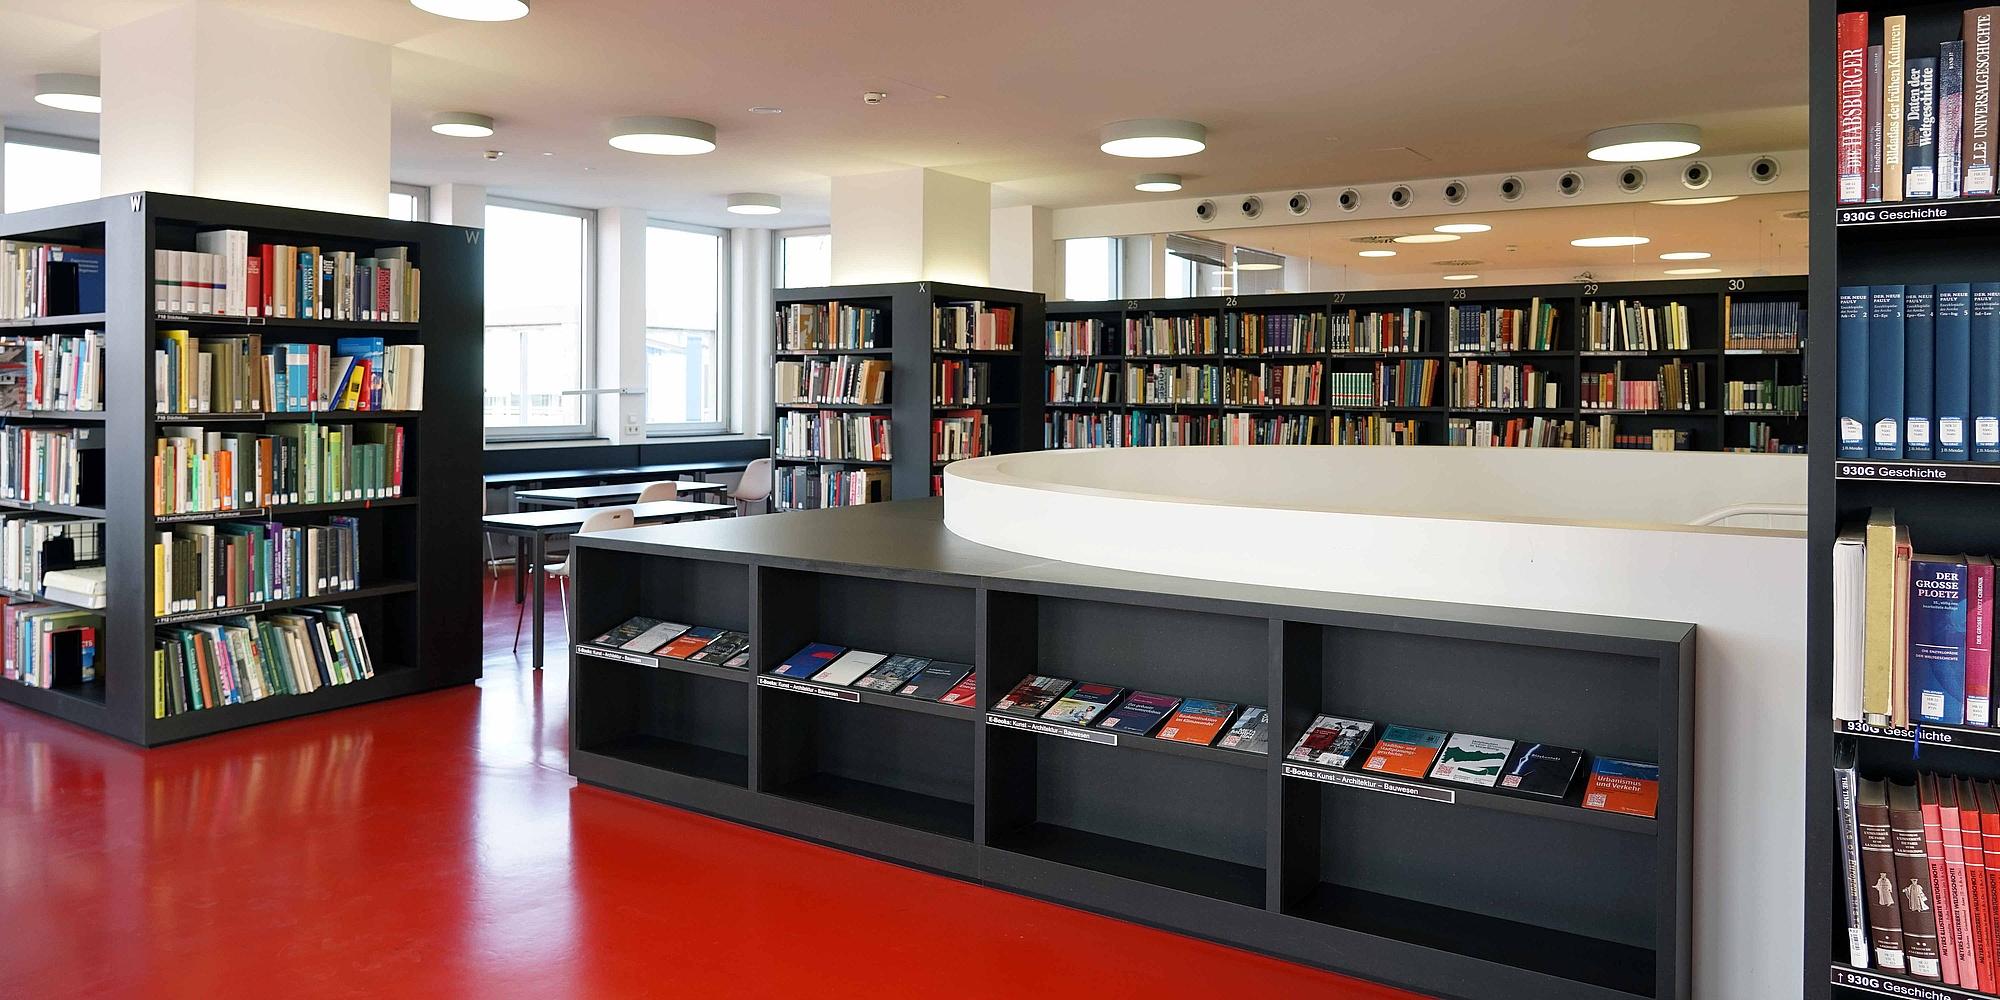 Lesesaal mit Bücherregalen, Tischen und Stühlen